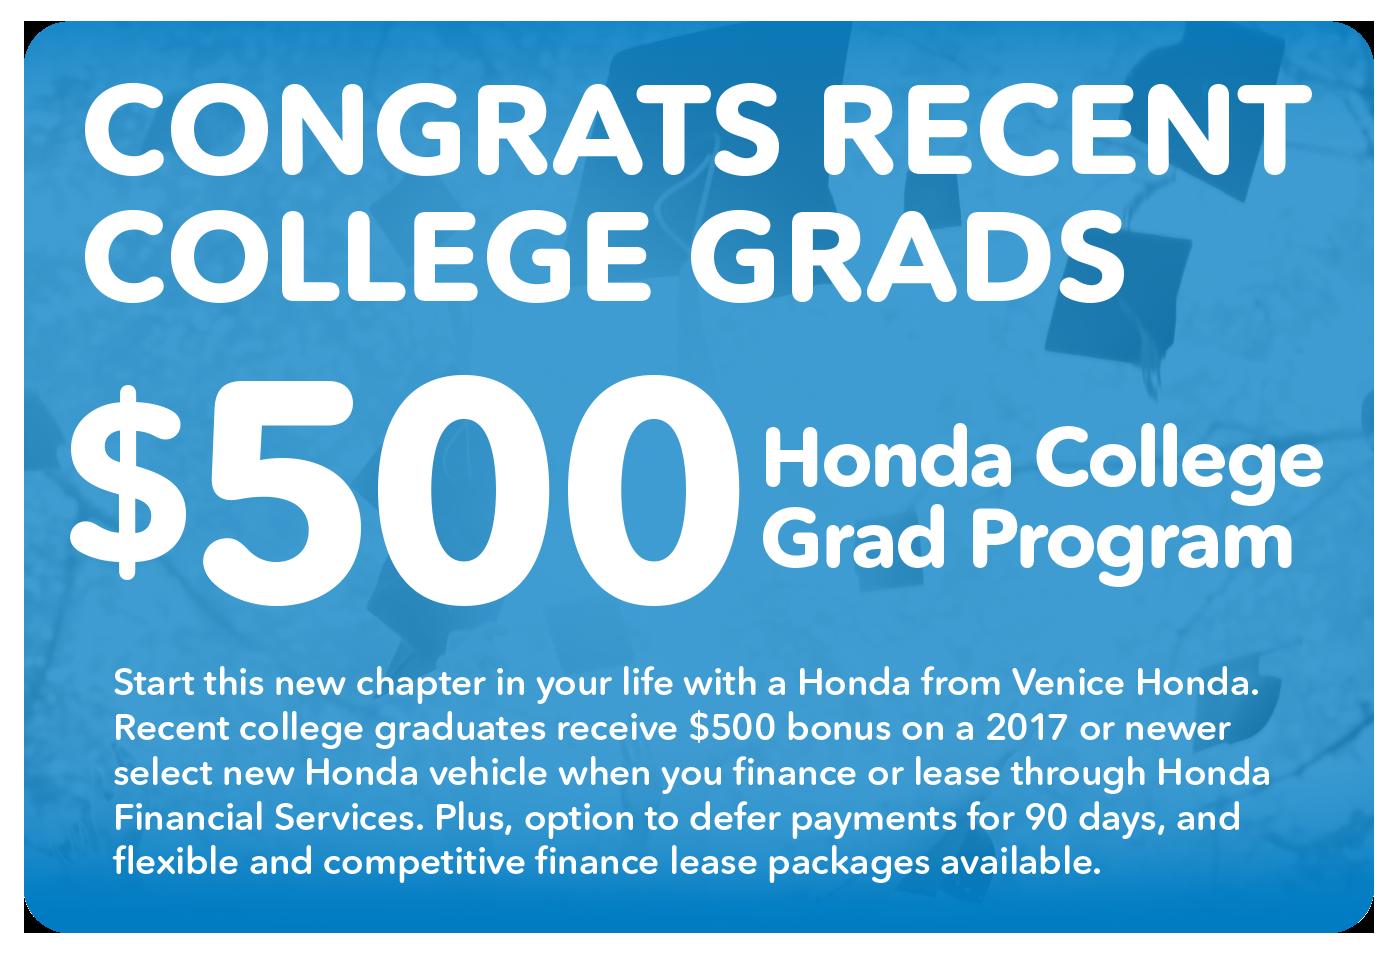 Honda Graduate Program At Venice Honda In Florida